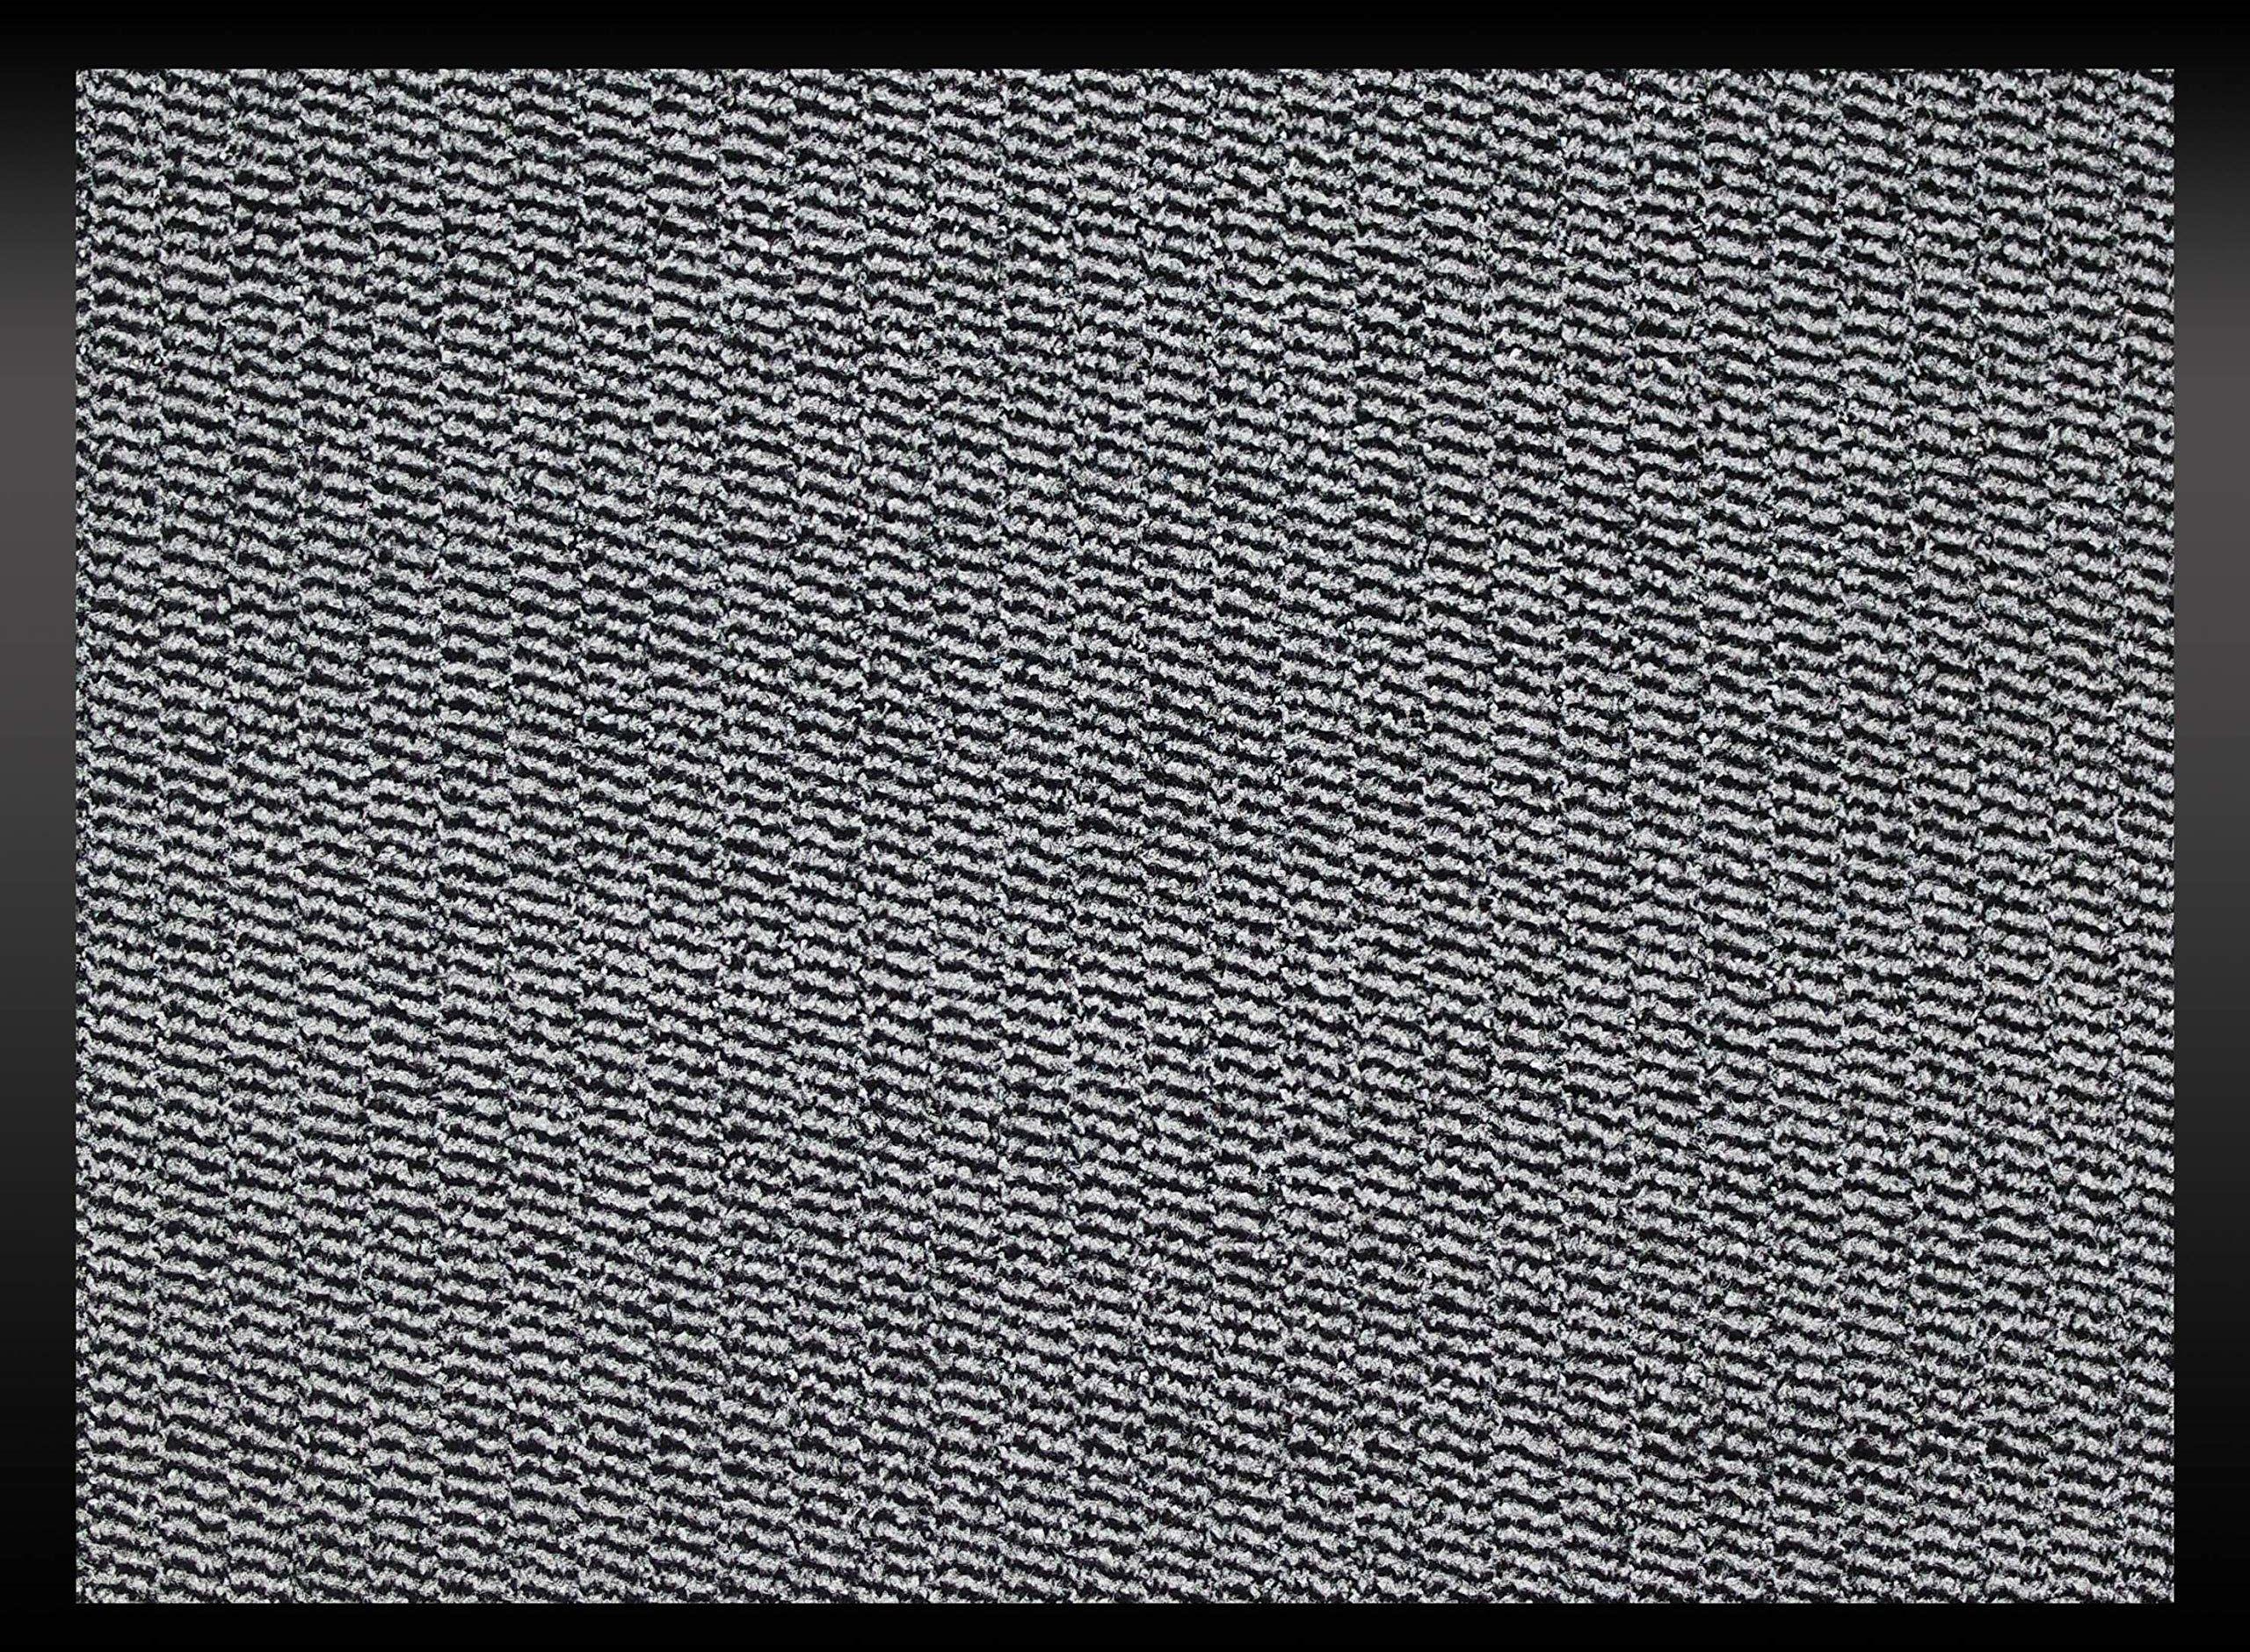 ID Mat 608005 Cahors/Florac wycieraczka, włókno polipropylenowe/PCW, 80 x 60 x 0,67 cm, szary, 60 x 80 cm